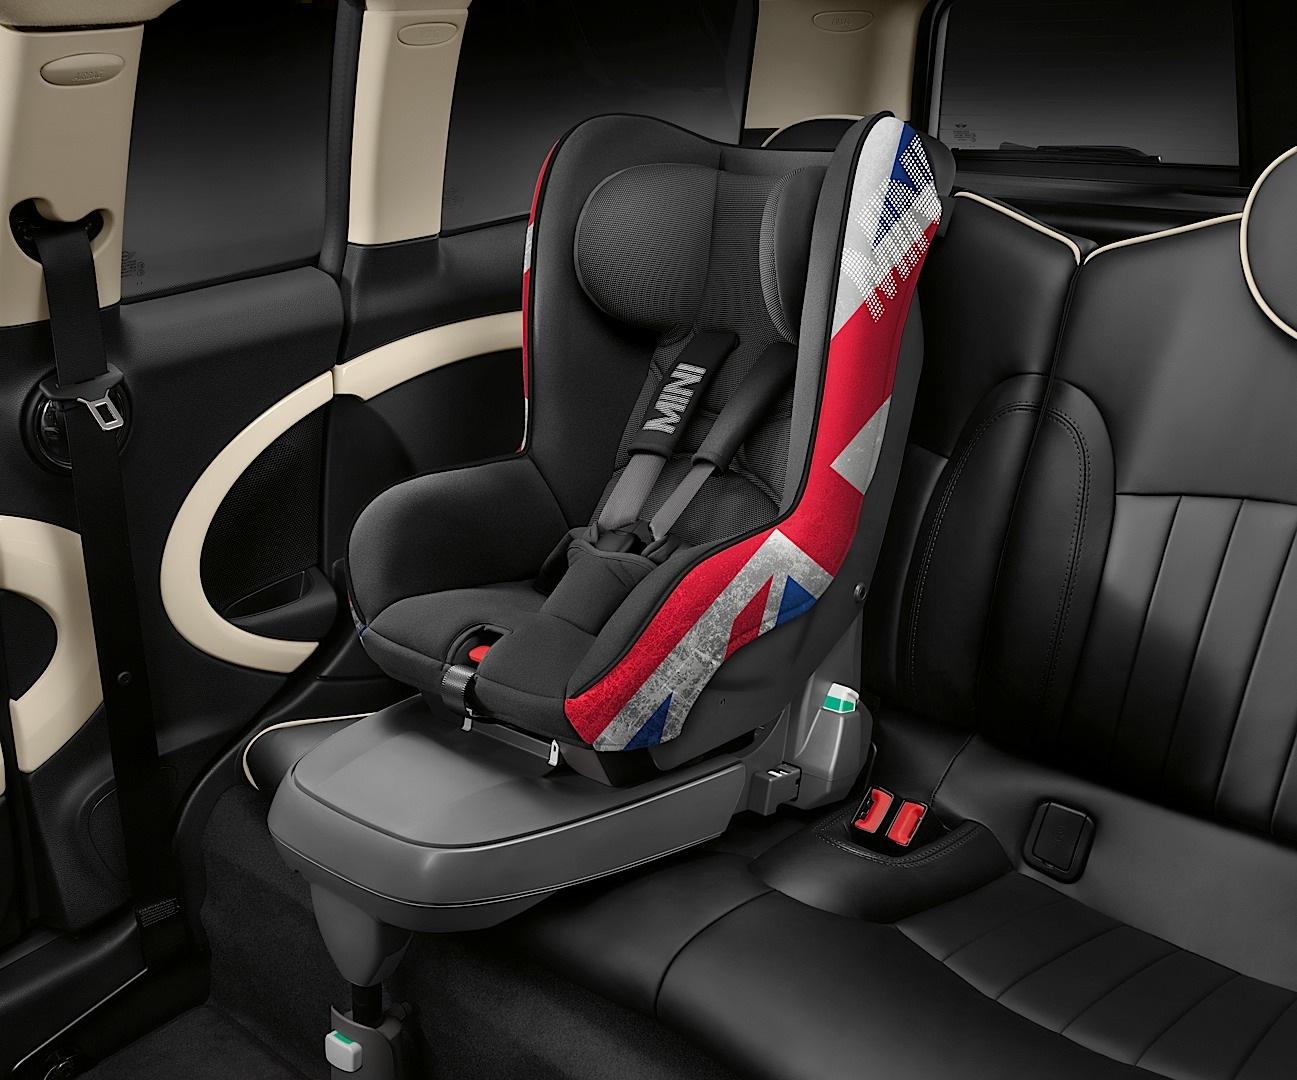 Mini To Launch New Child Seats At Frankfurt